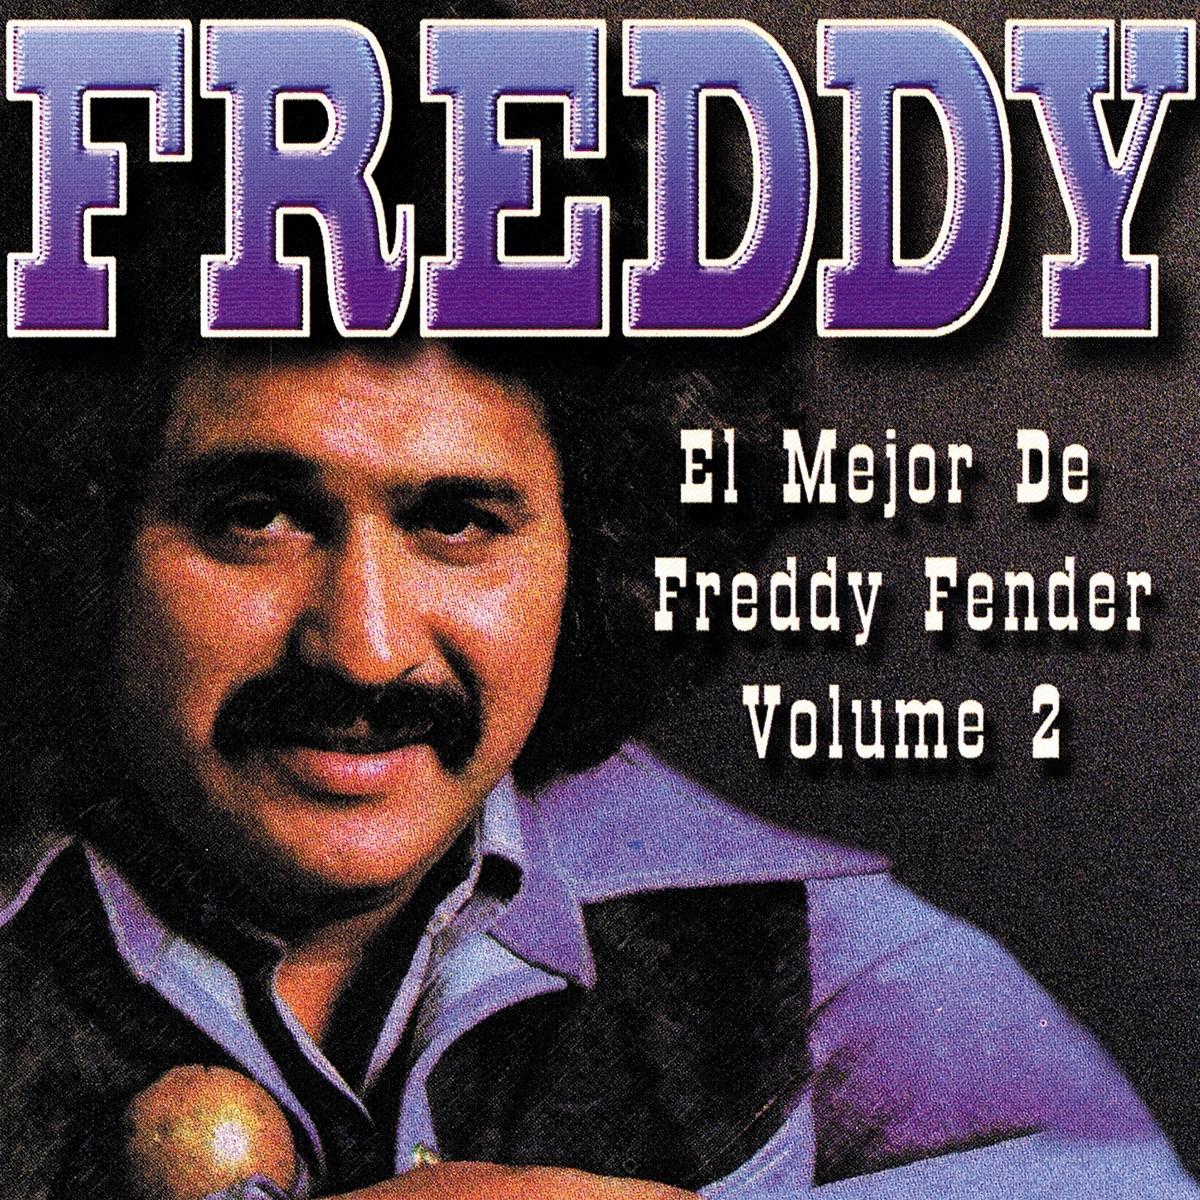 El Mejor de Freddy Fender, Vol. 2